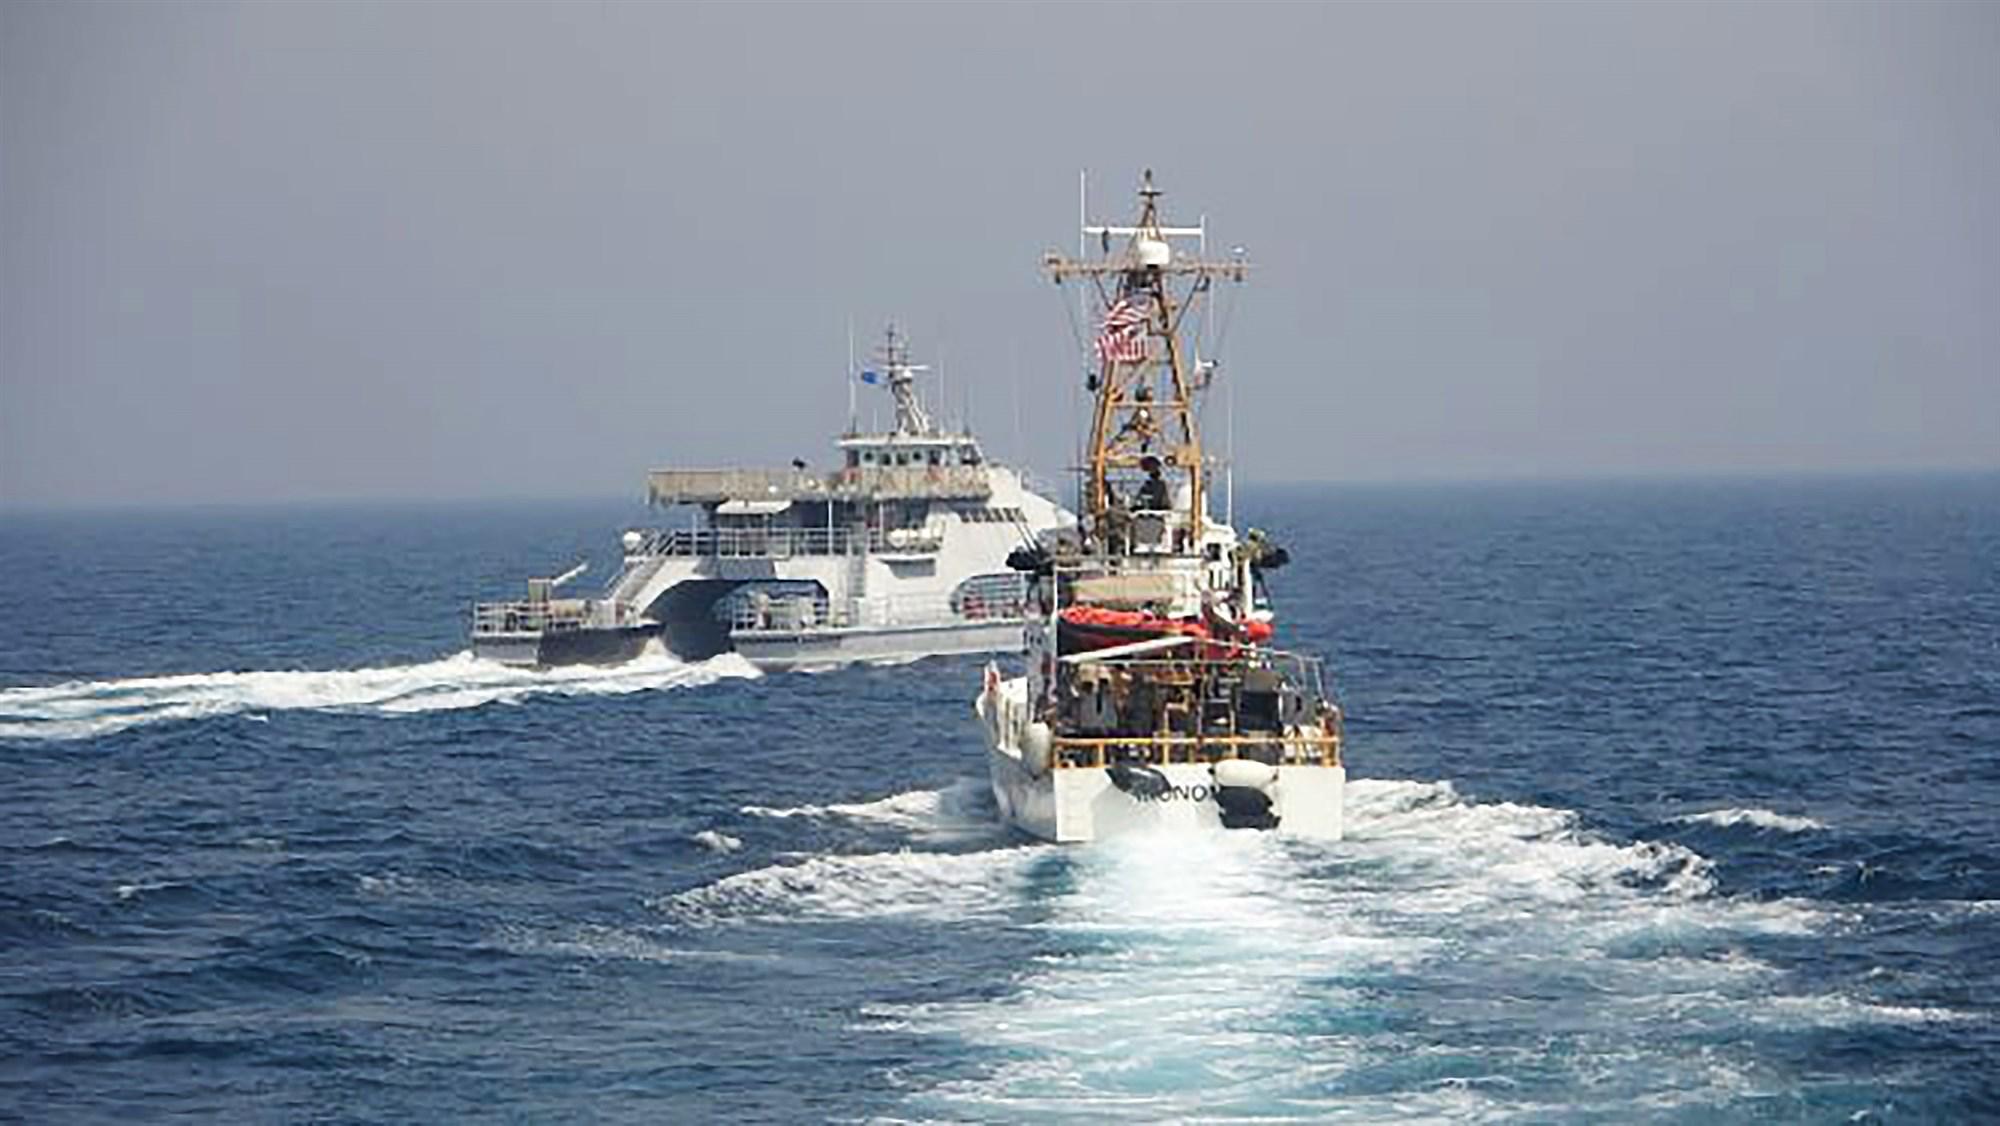 تنش دریایی بین ایران و آمریکا در خلیج فارس